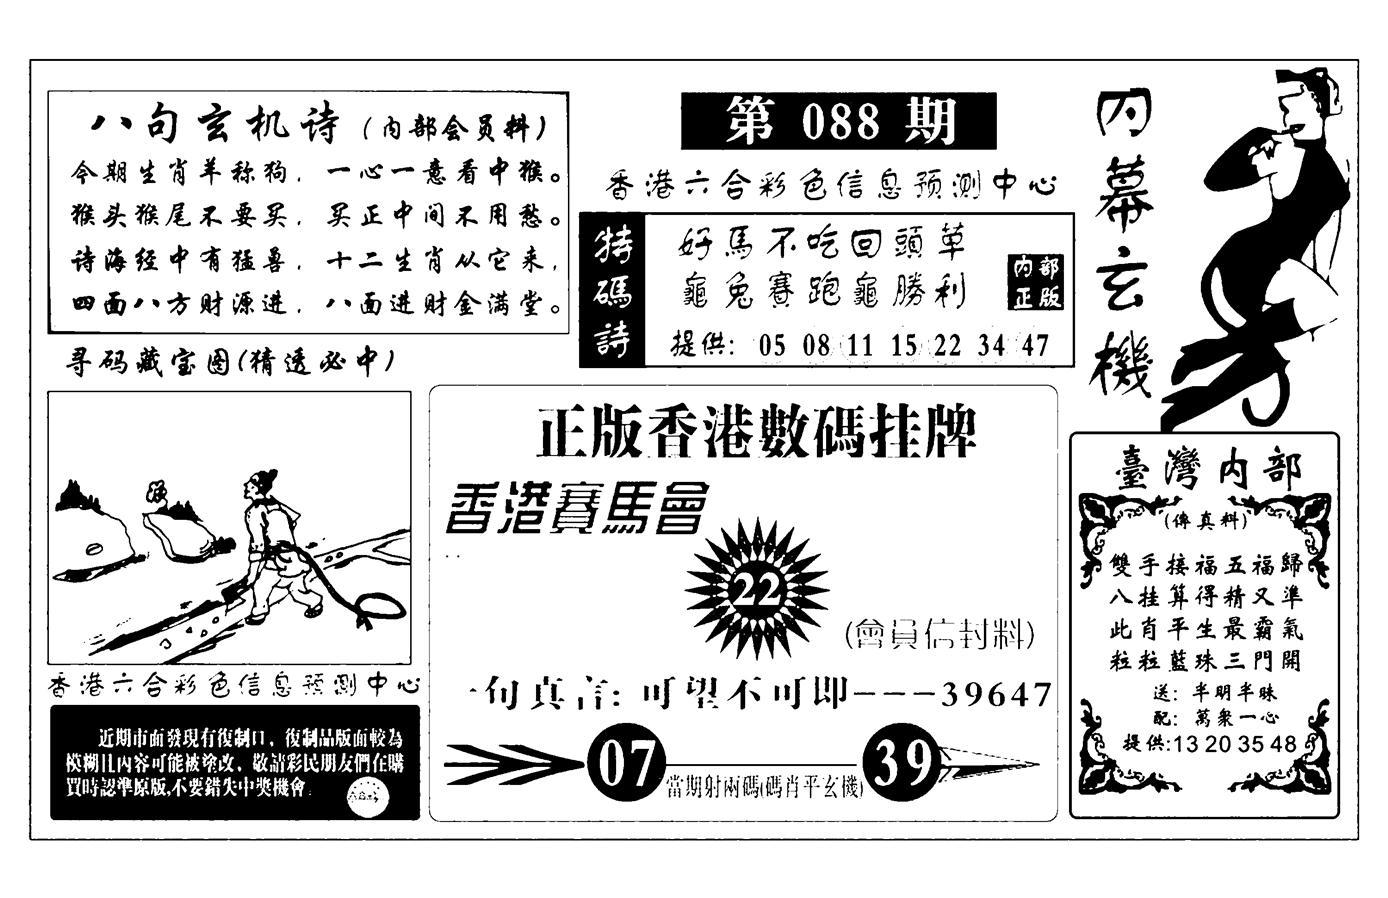 088期内幕玄机报(黑白)